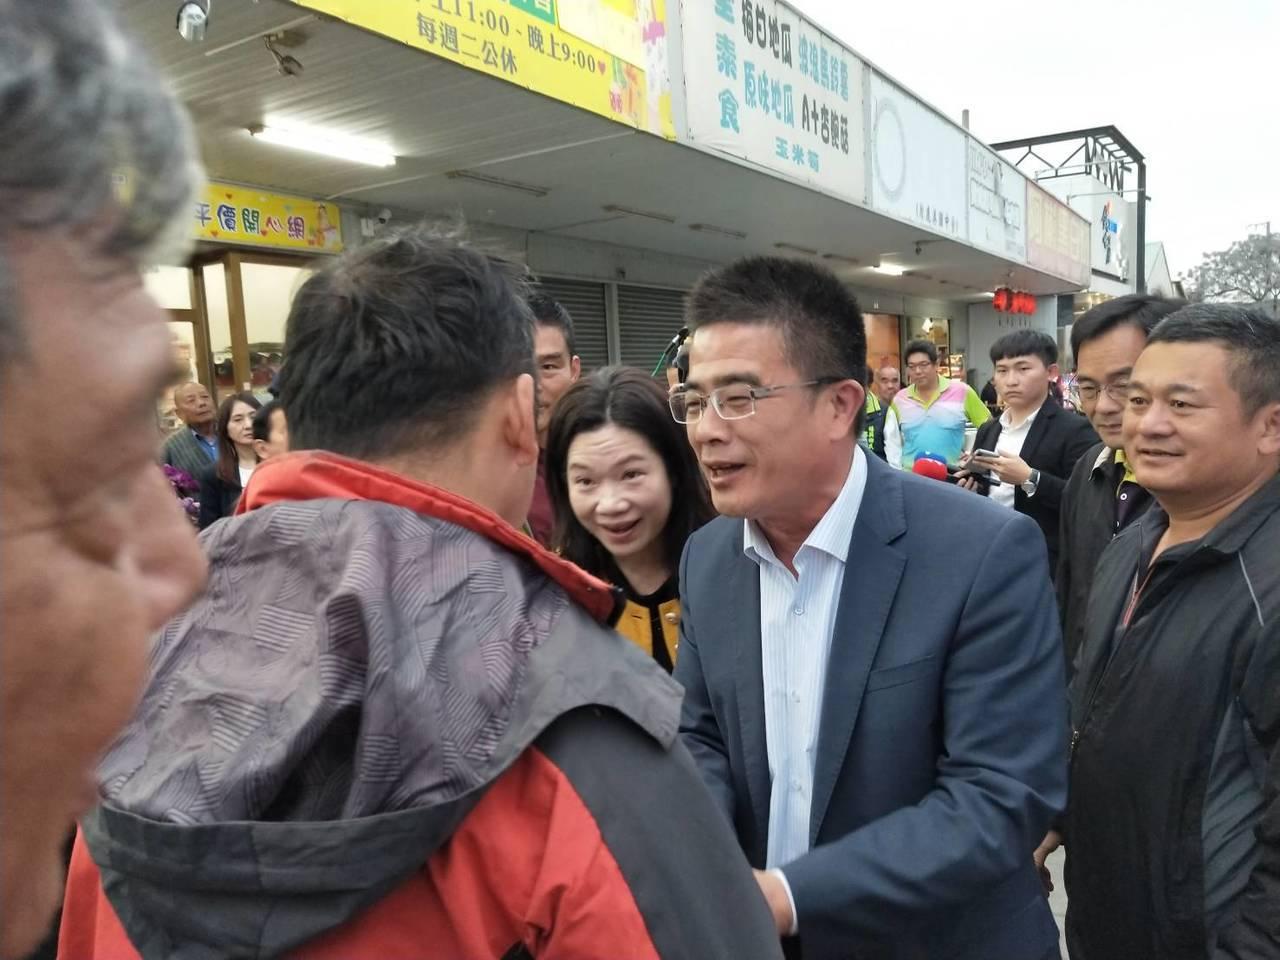 民進黨候選人黃振彥(右 )承認敗選後,向競選總部外的支持者一一握手感謝,並表達努...